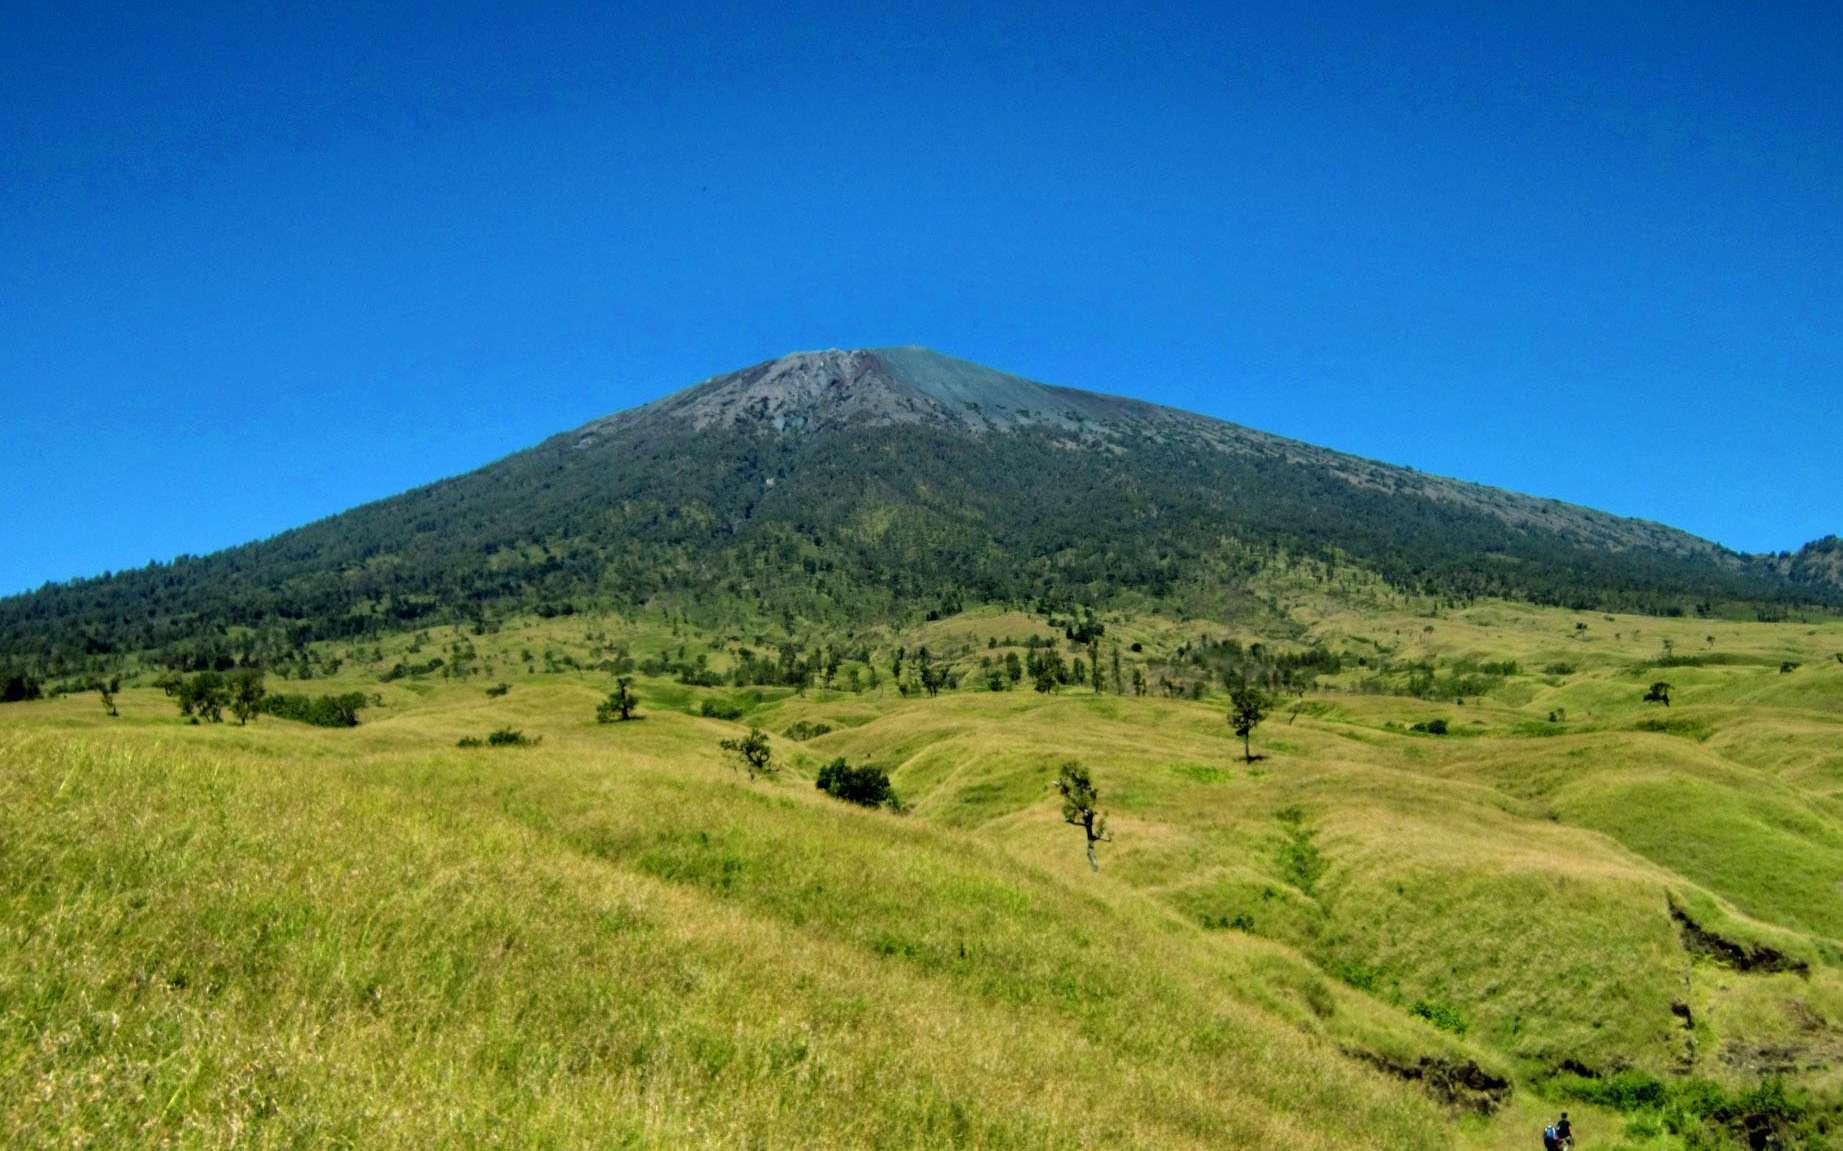 Gunung Padang, un site archéologique en Indonésie, cache-t-il une ancienne pyramide ? © Trekking Rinjani, Flickr